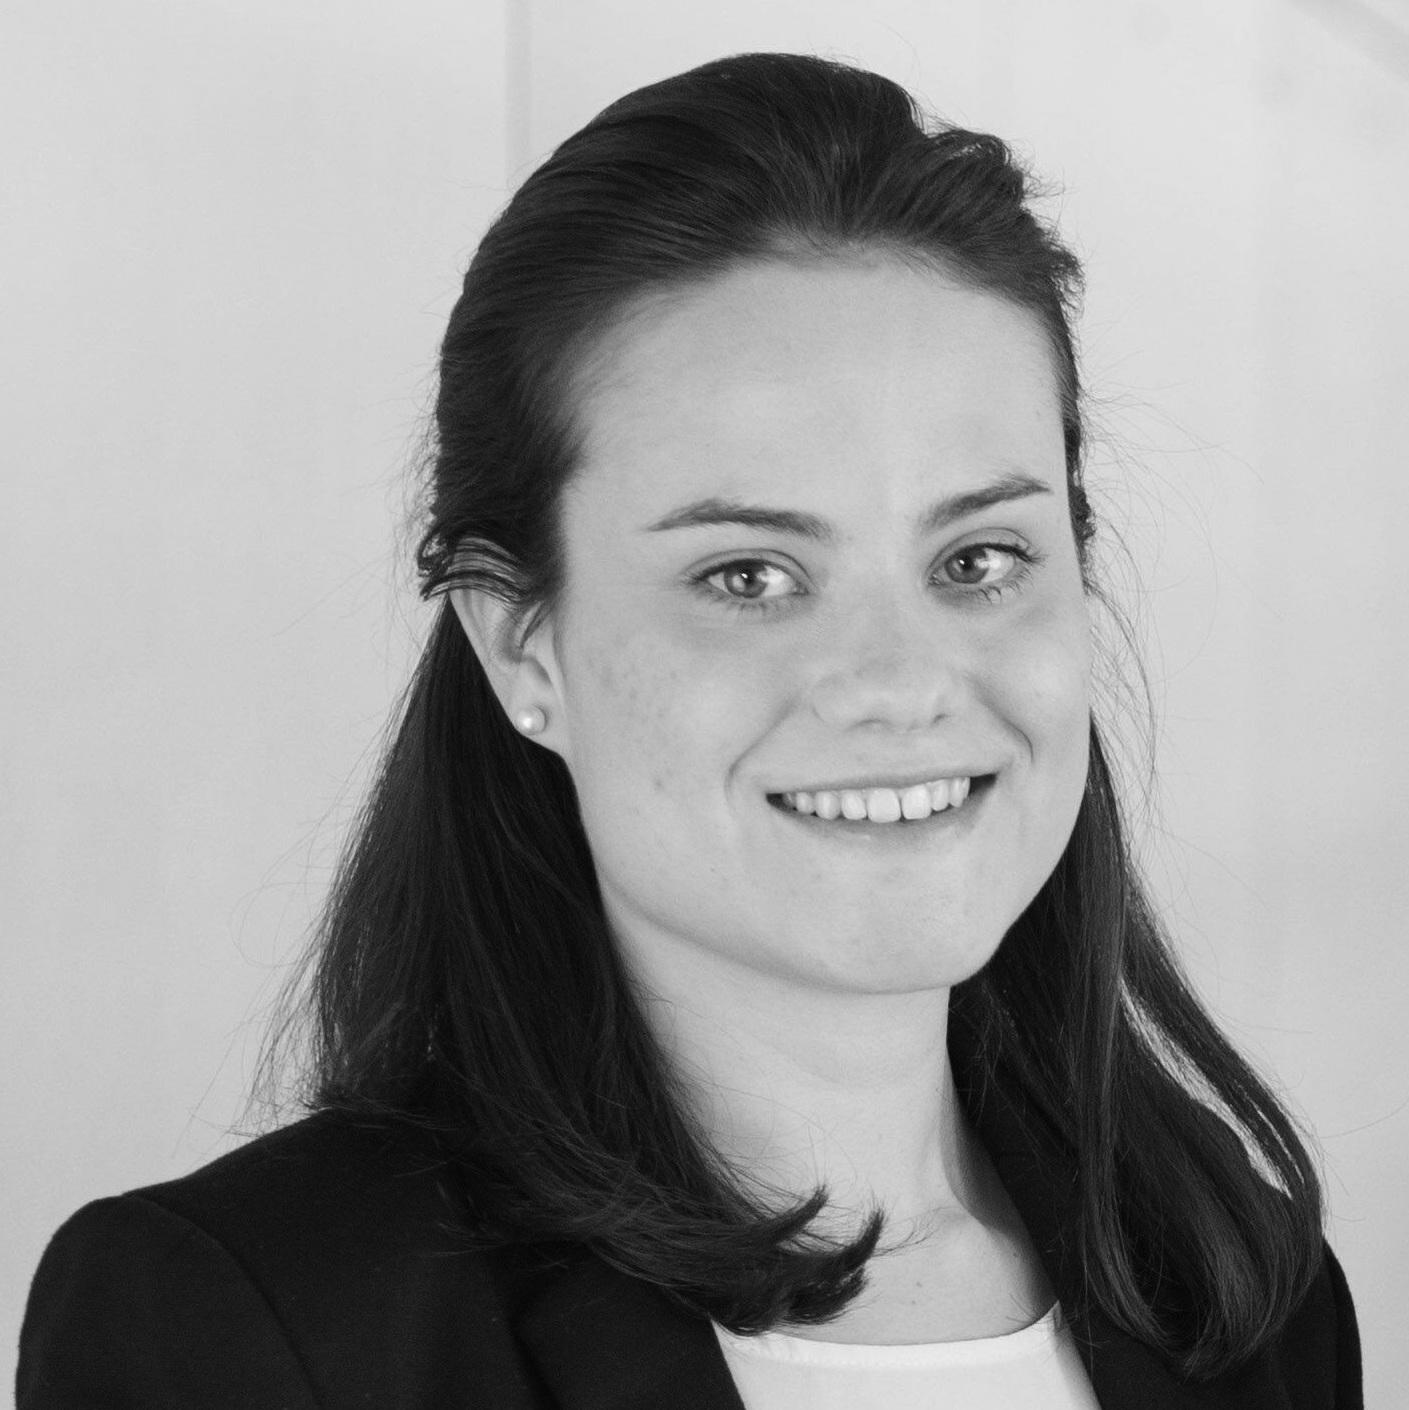 Anna-Sophie Risch